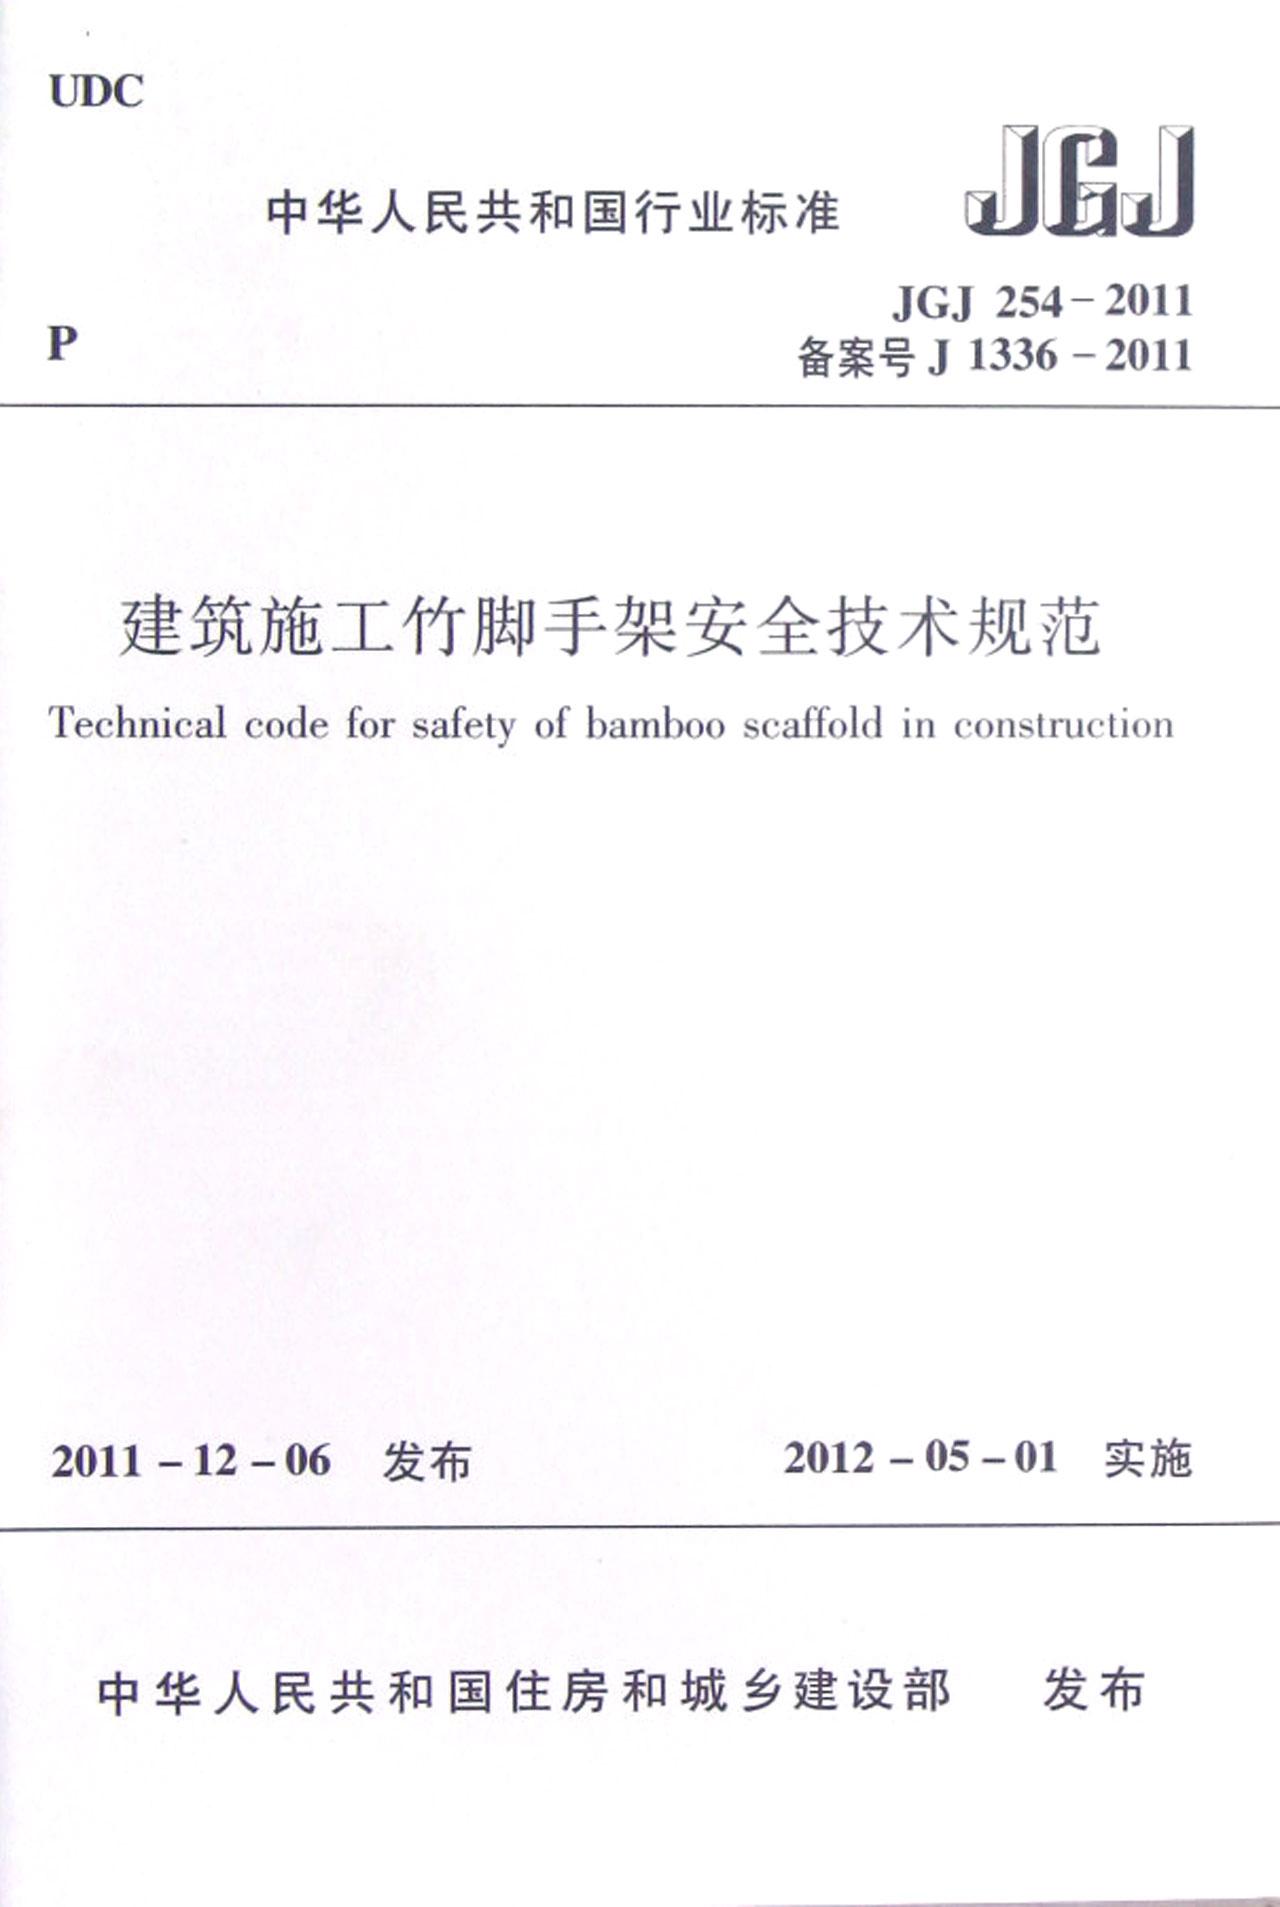 建筑施工竹脚手架安全技术规范